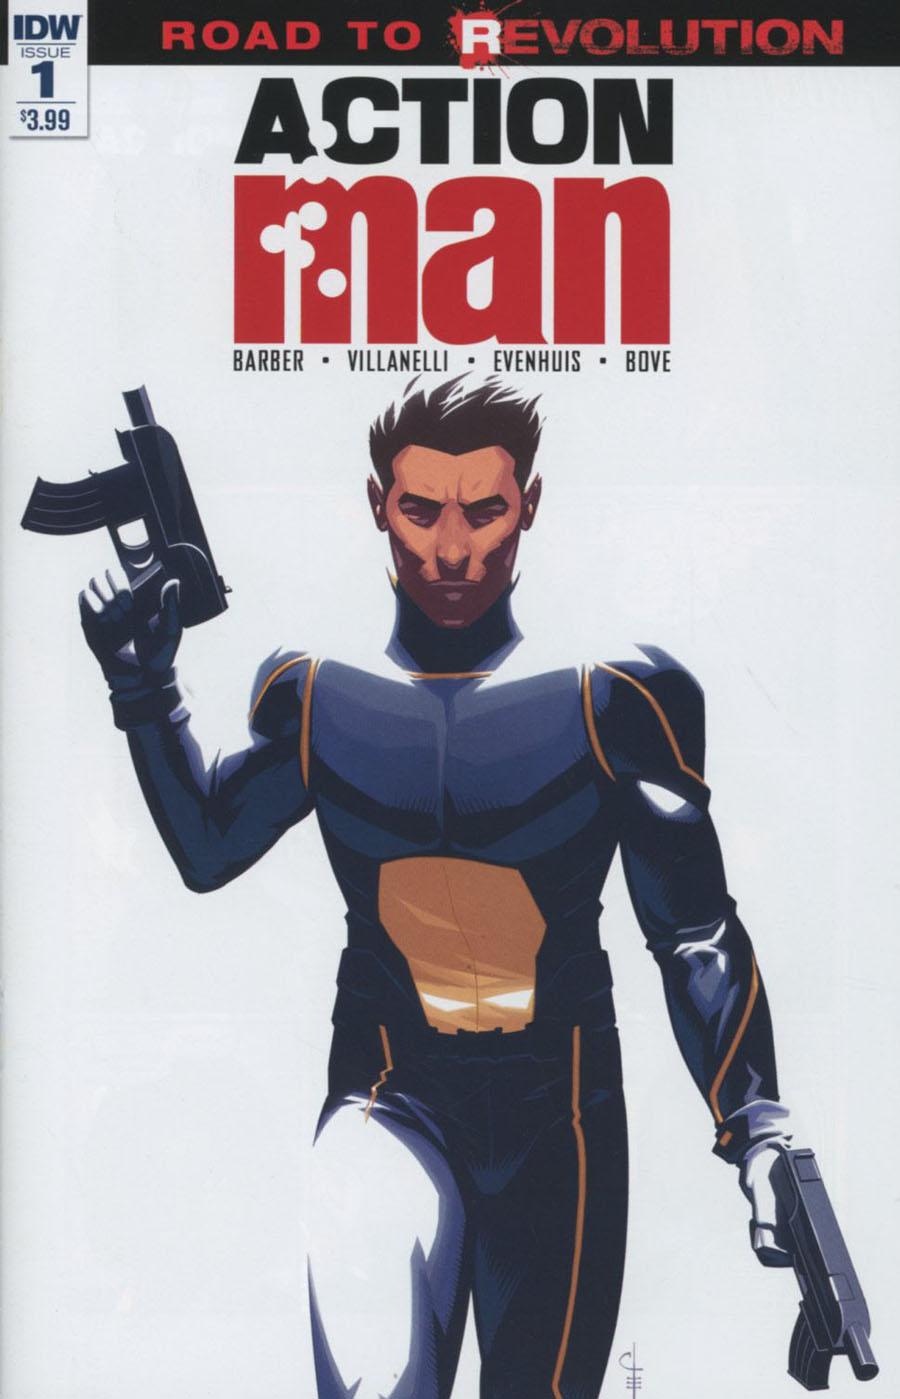 Action Man #1 Cover A Regular Chris Evenhuis Cover